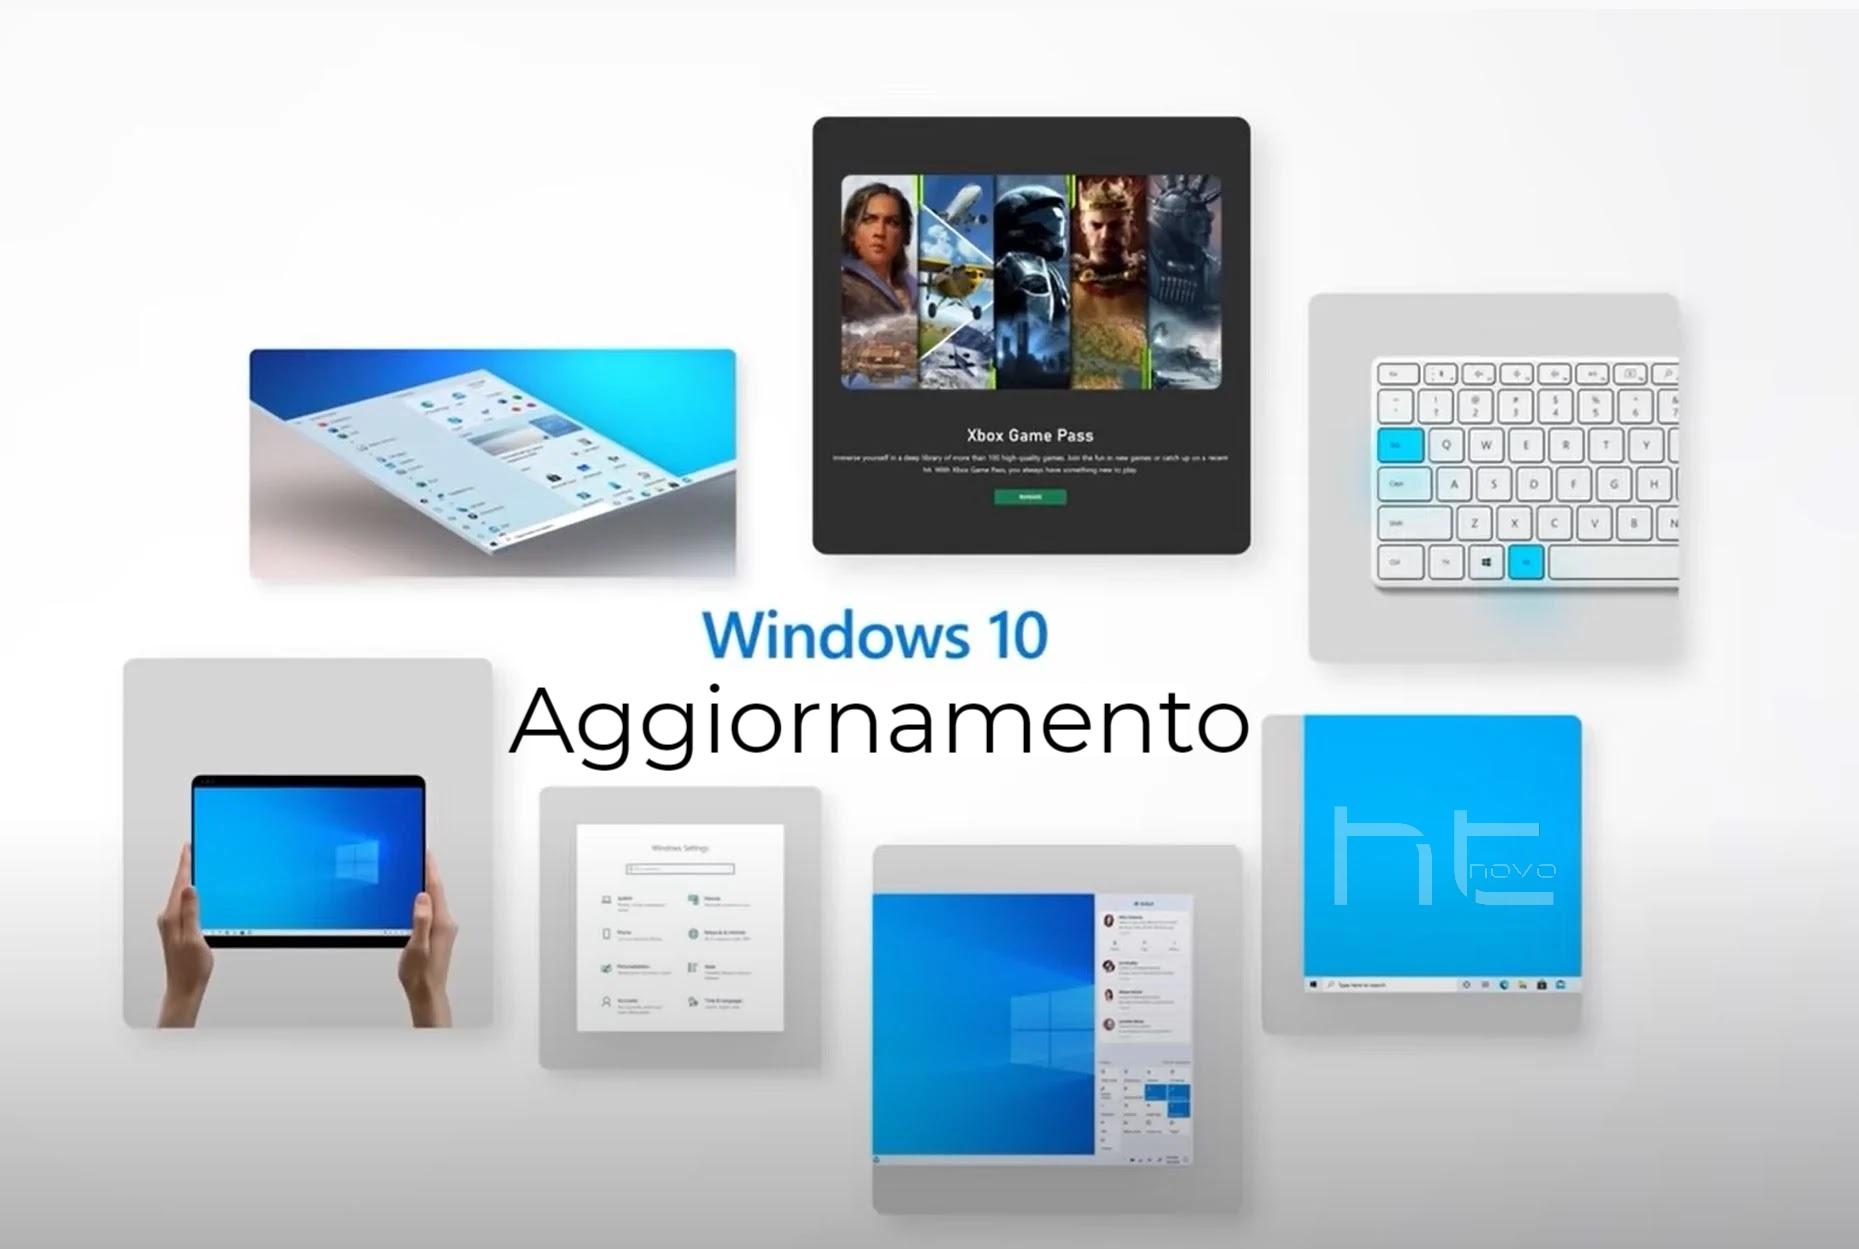 Aggiornamento cumulativo per Windows 10 Versione 20H2 - Build 19042.